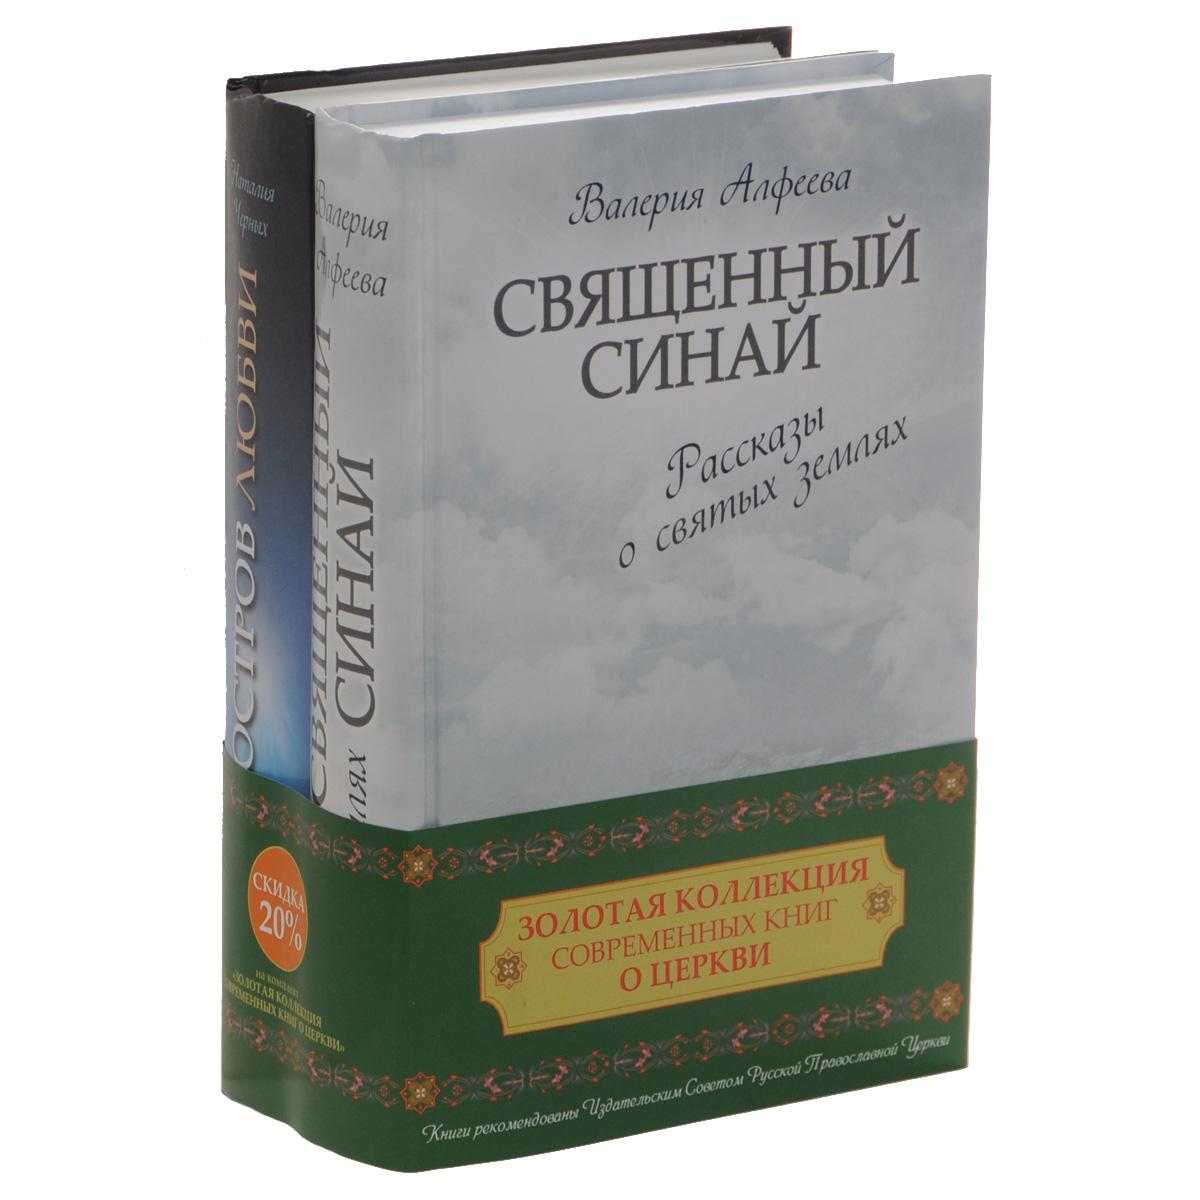 Золотая коллекция современных книг о церкви (комплект из 2 книг)